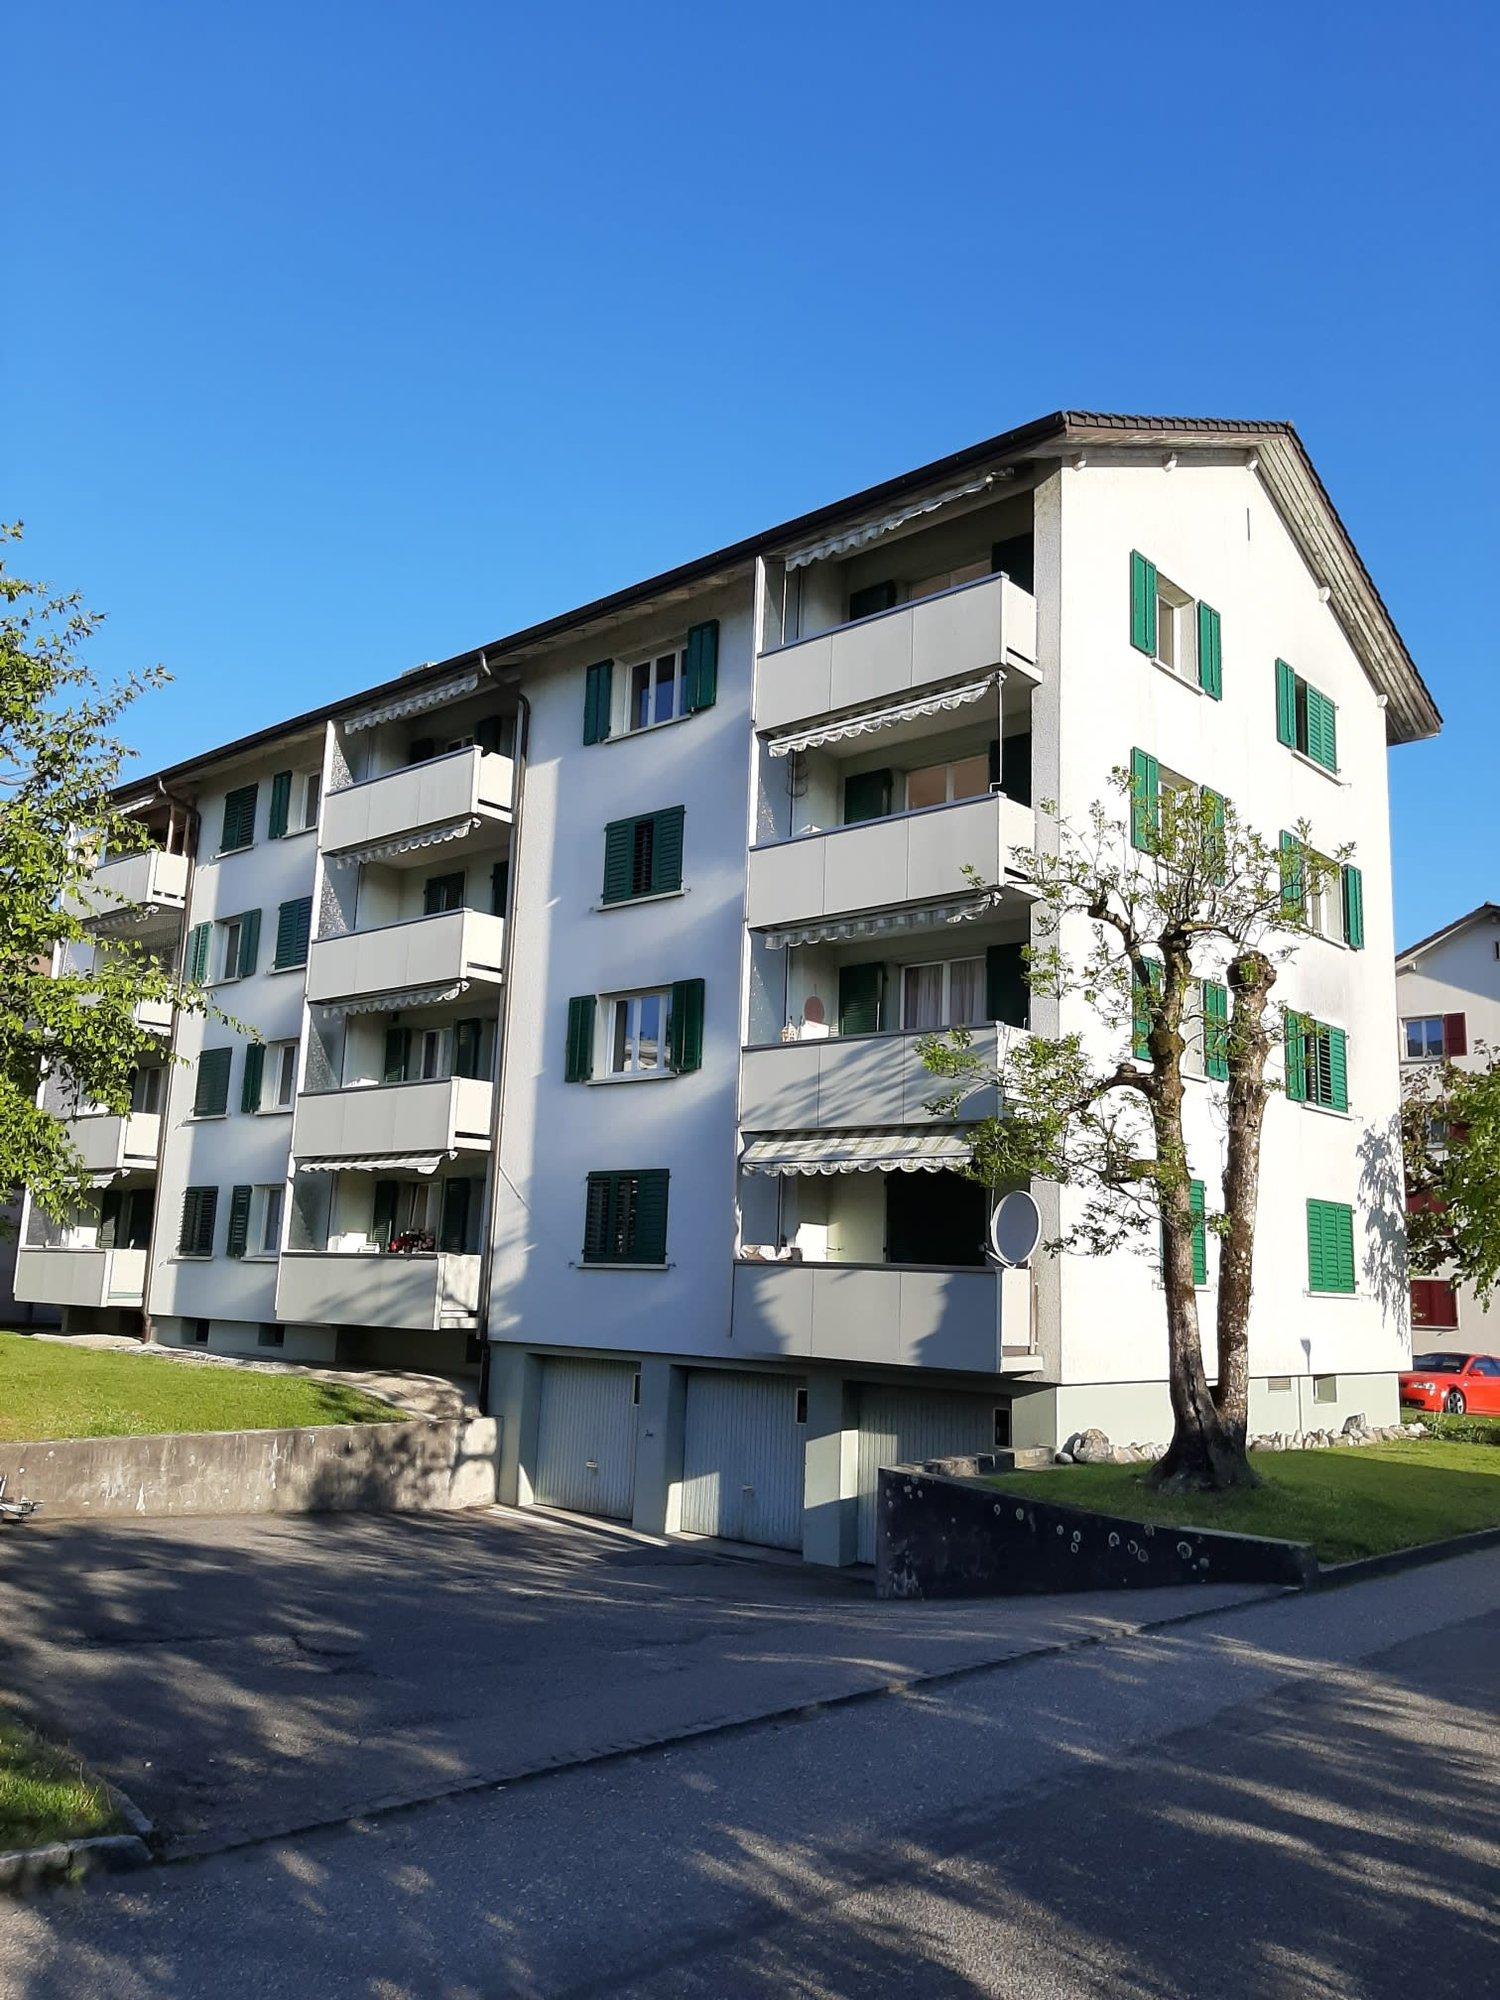 Buchiackerweg 4